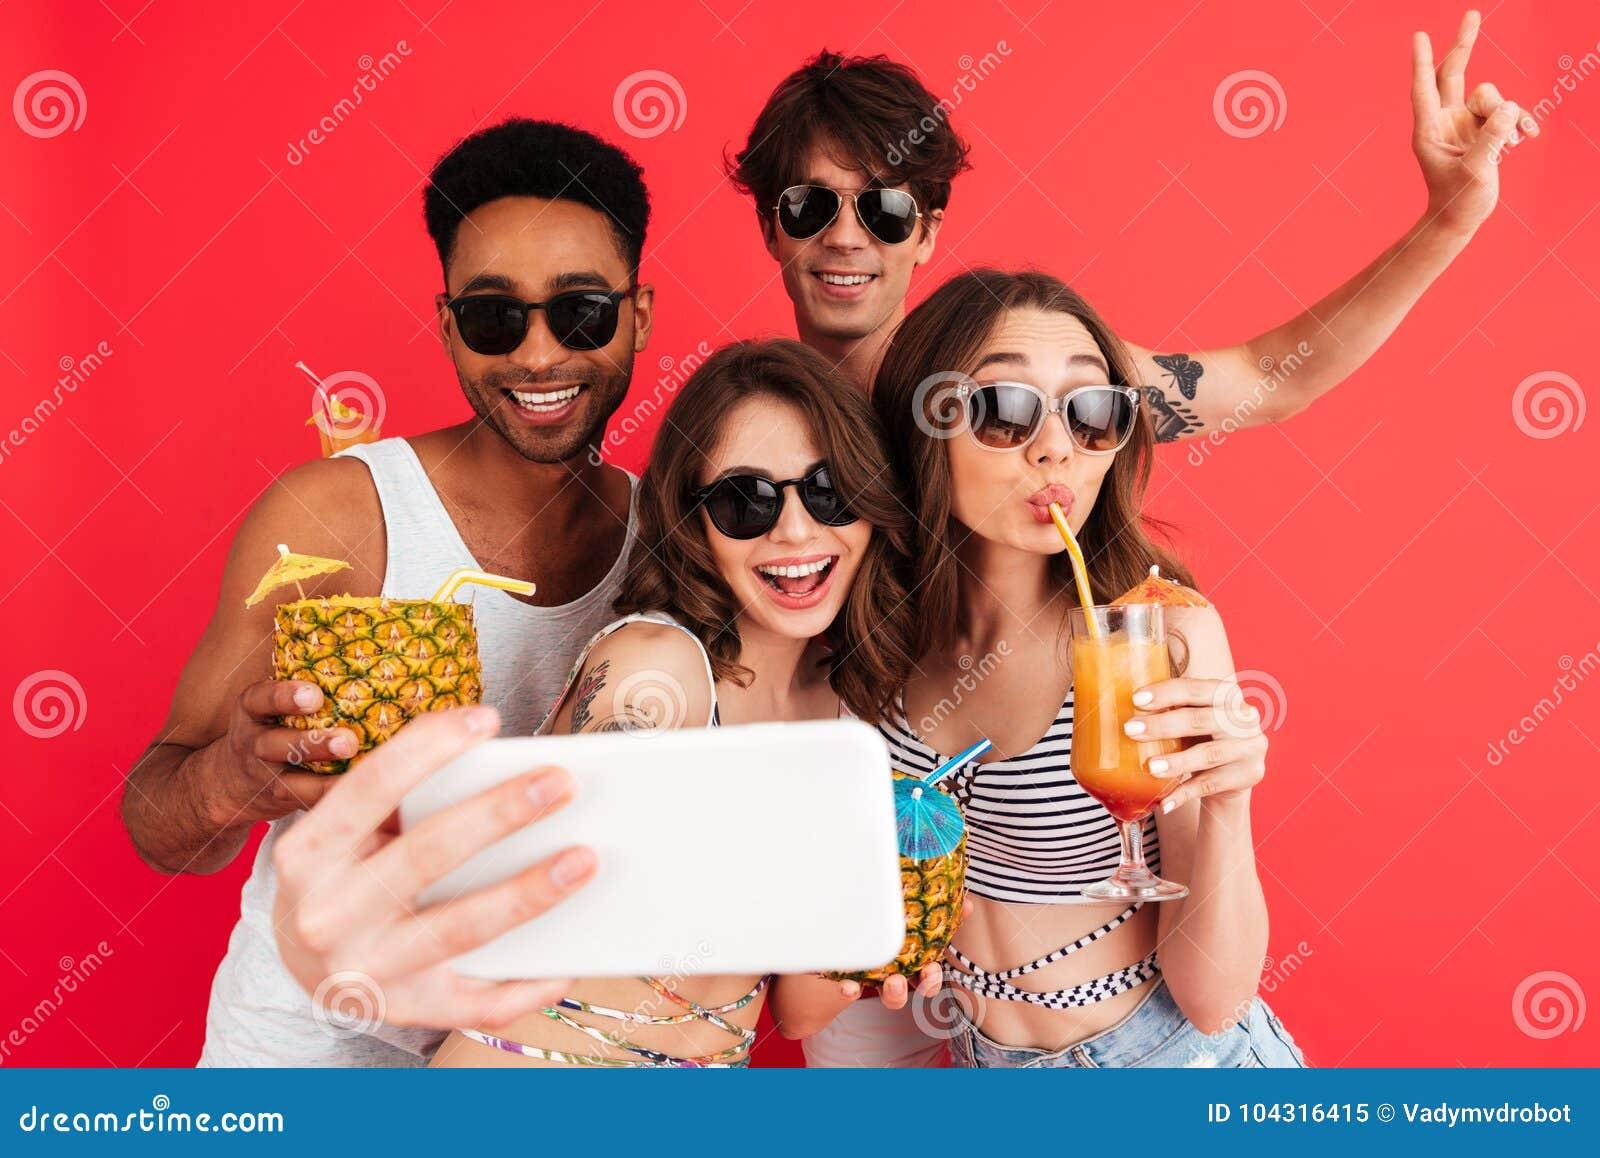 Grupo de amigos multirraciales jovenes felices